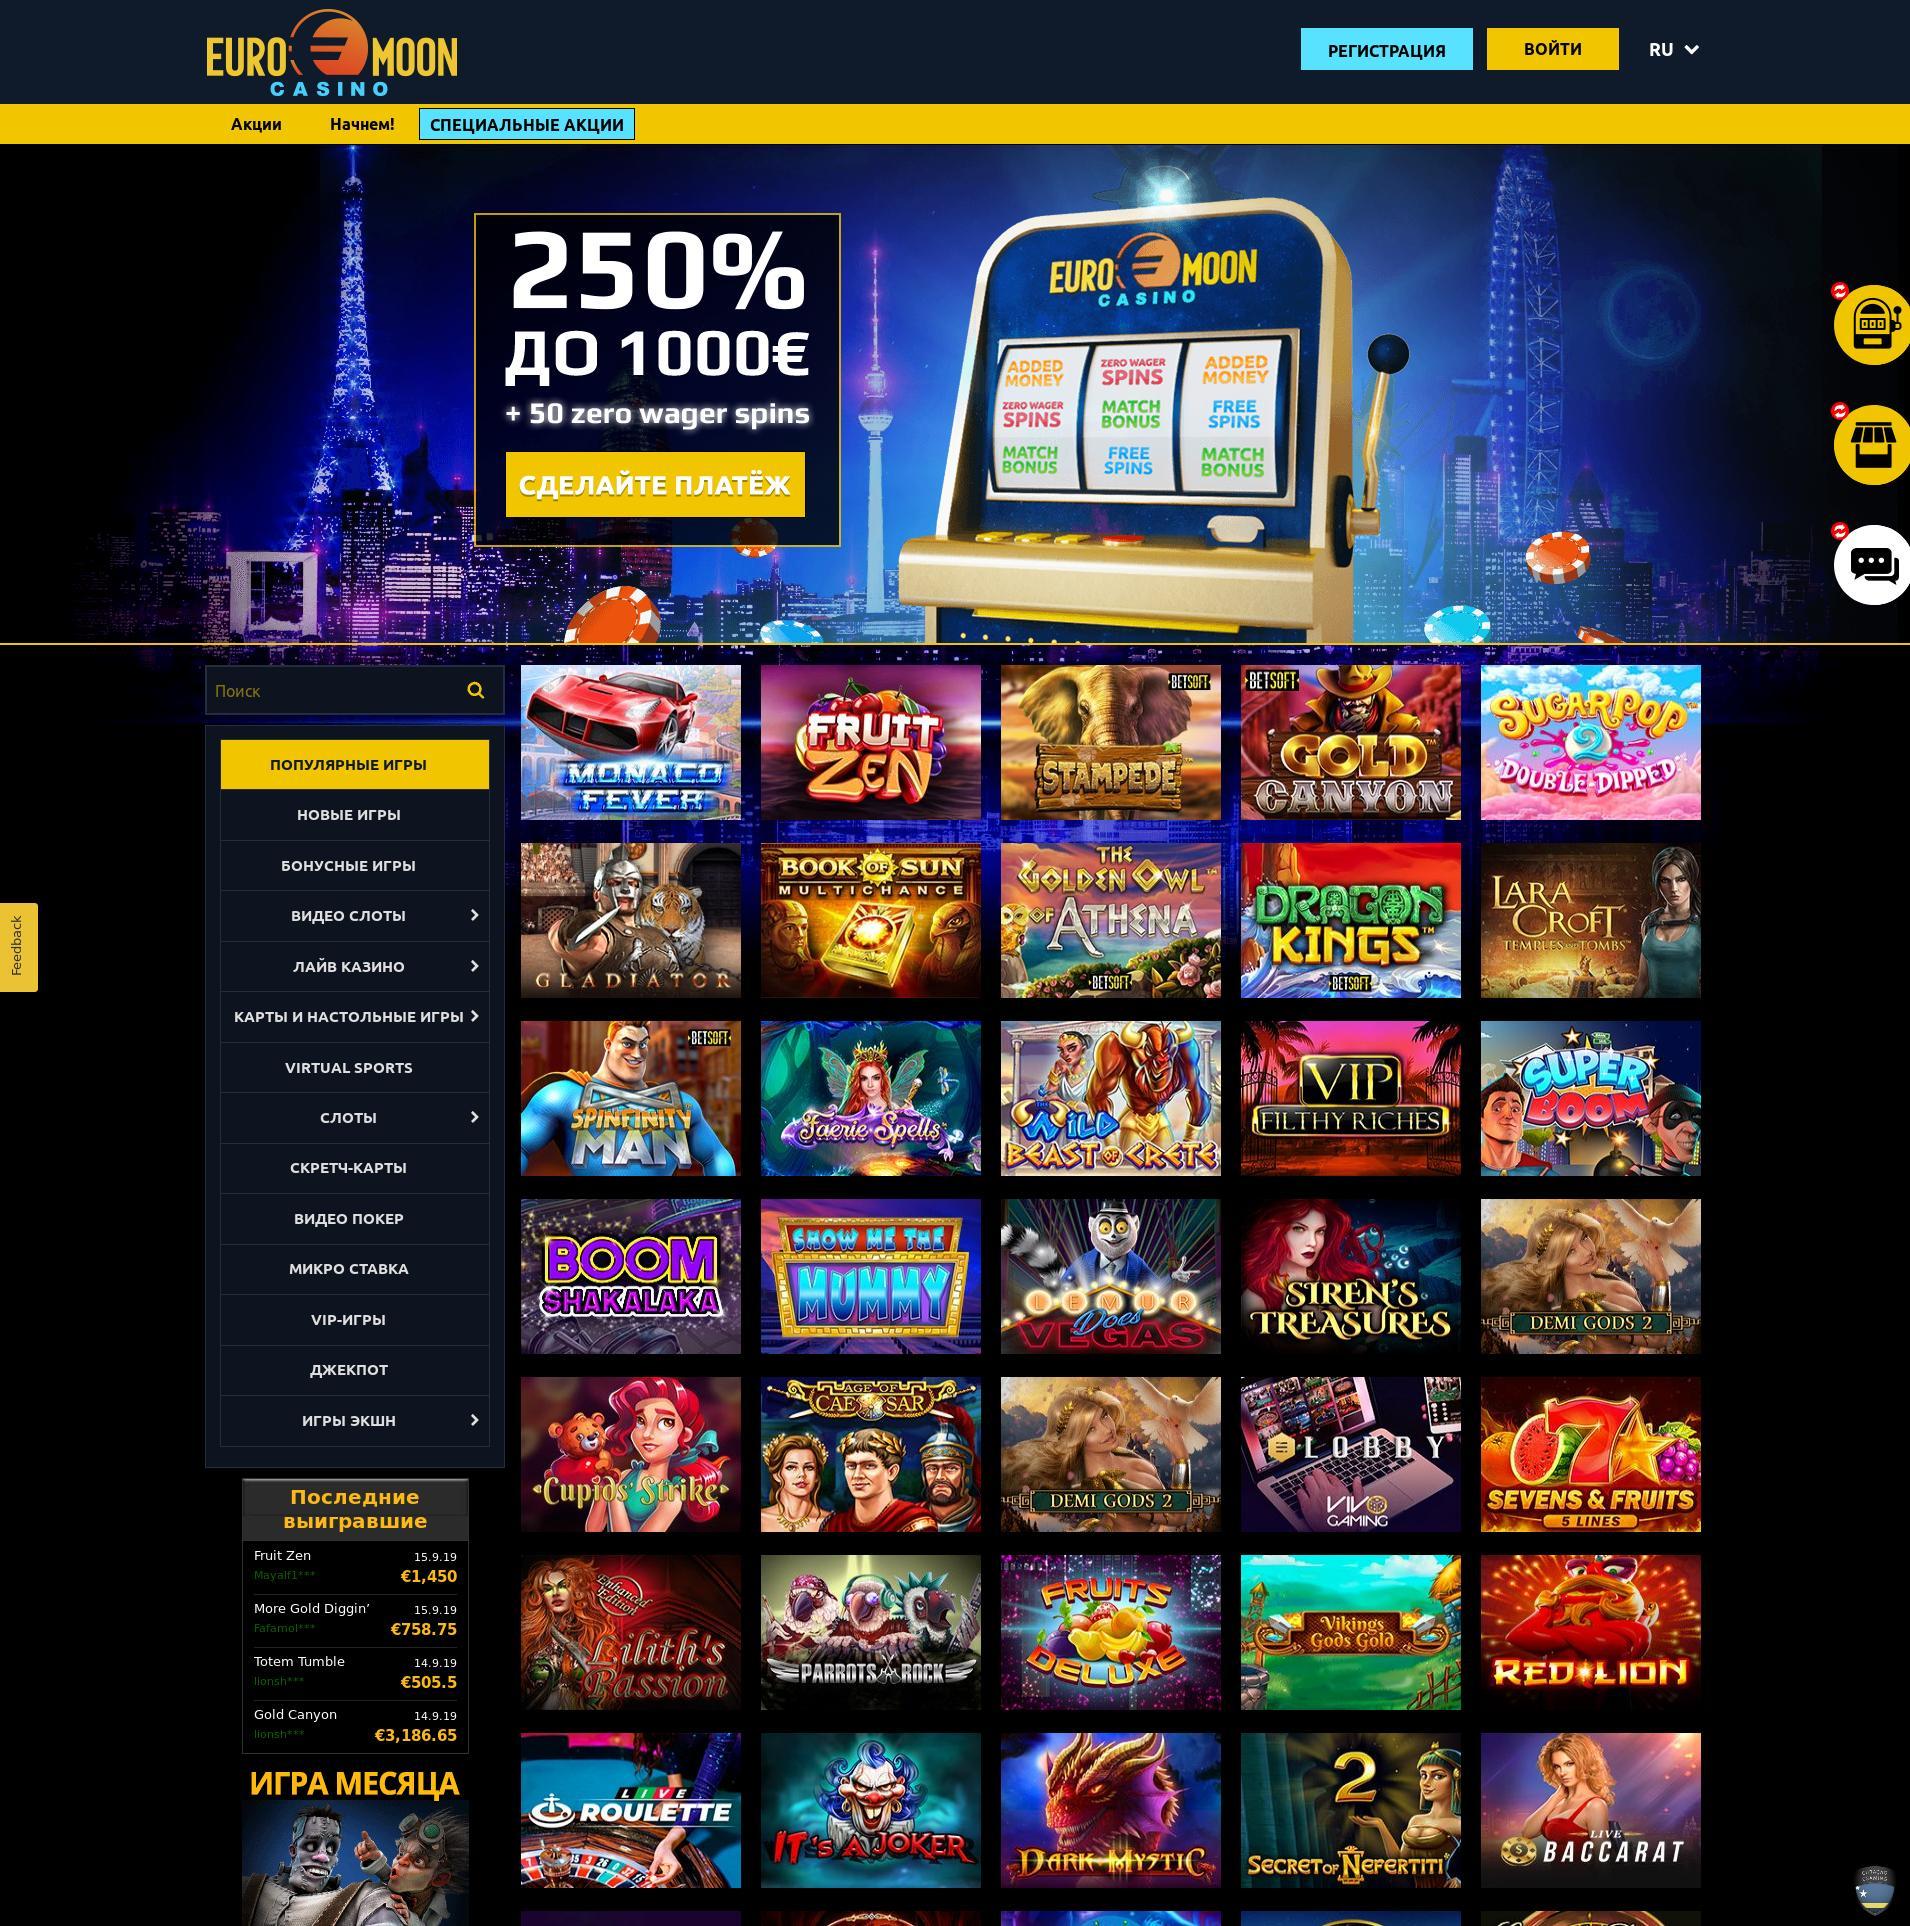 Casino skärm Lobby 2019-09-16 för Ryska Federationen